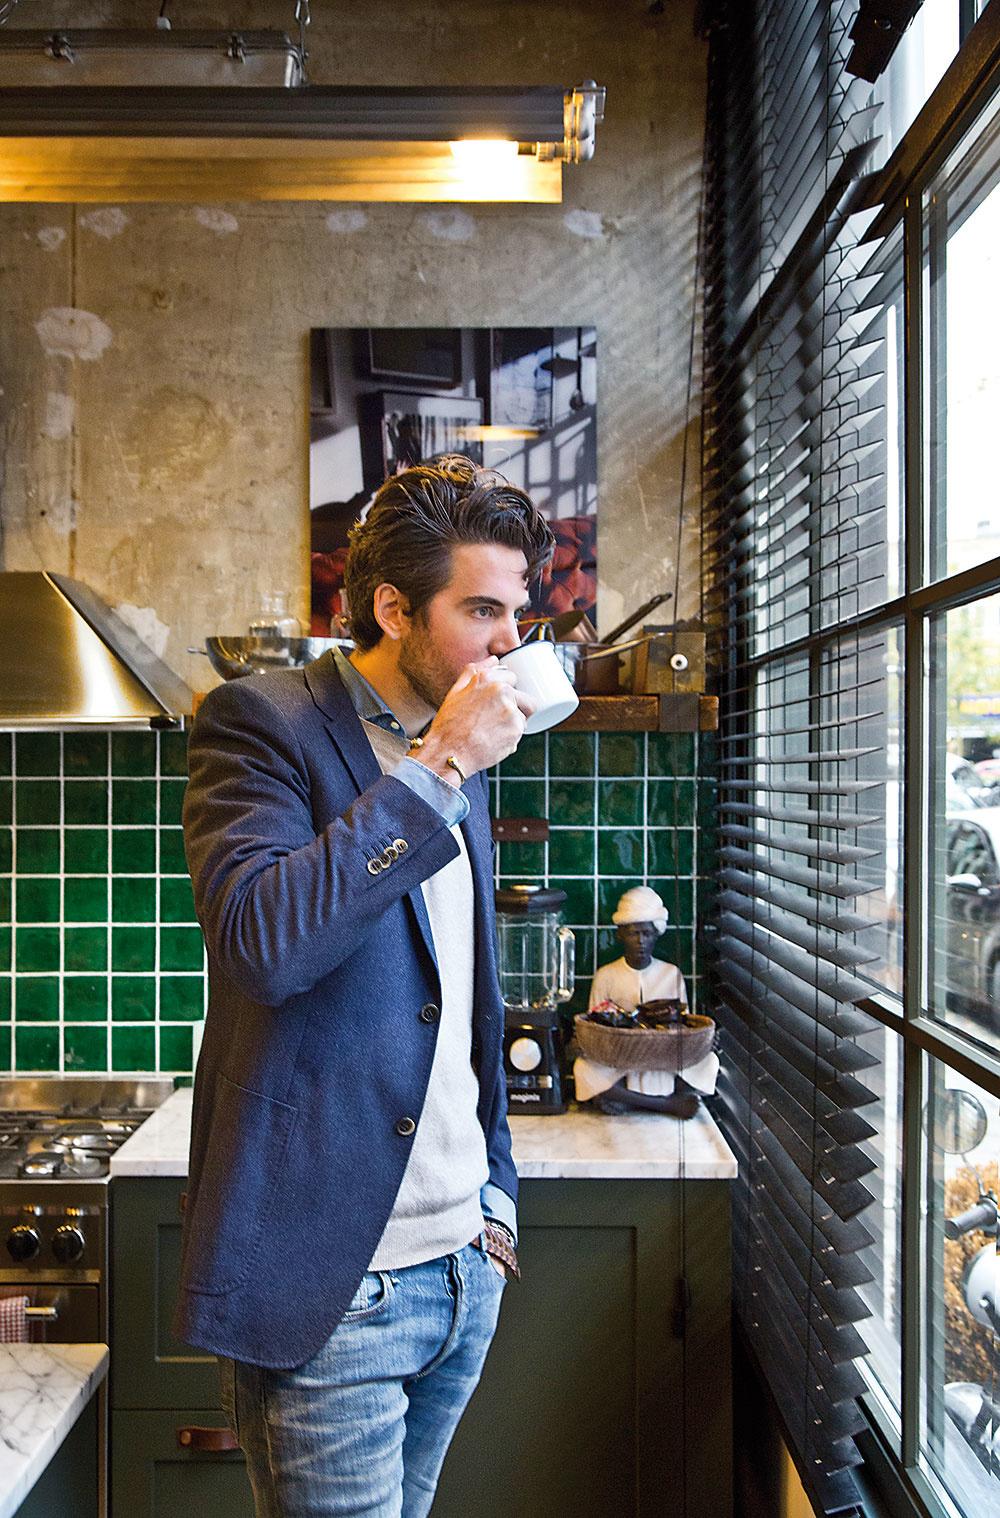 James van den Helden srodinou. Dizajnér avášnivý zberateľ starožitností sa vo svojom štúdiu Bricks venuje navrhovaniu interiérov.